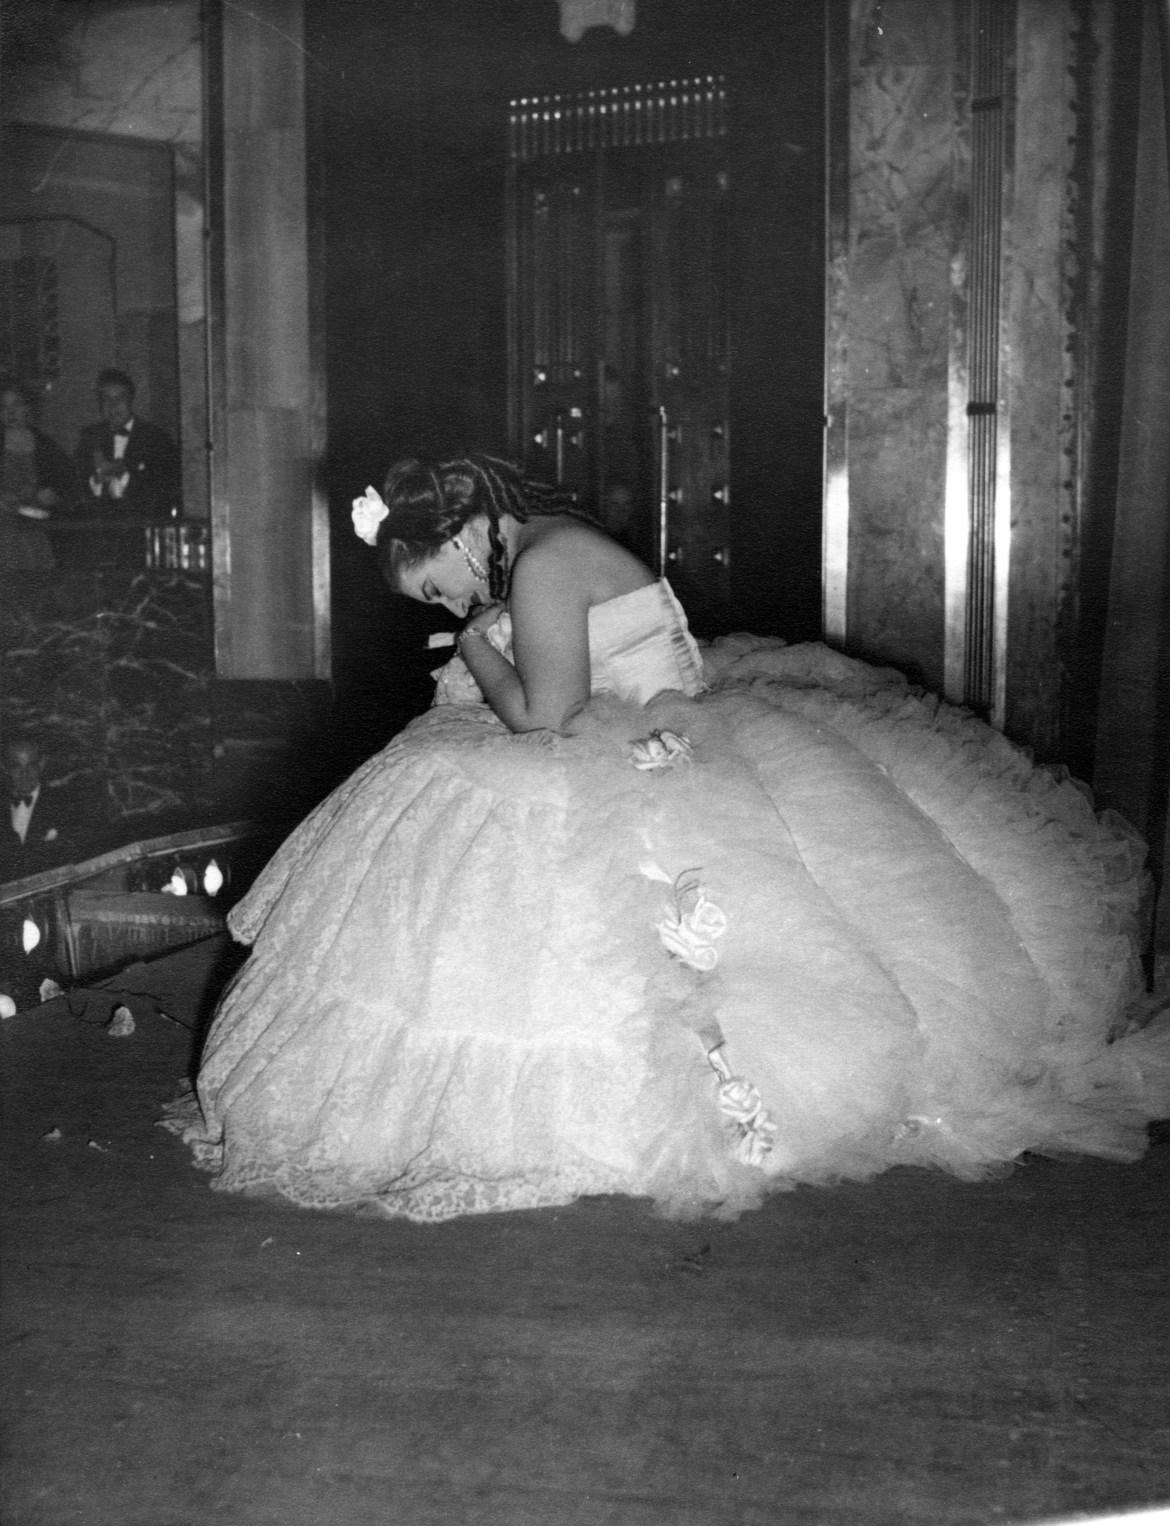 18_Maria Callas nell'opera La Traviata riceve gli applausi sul palcoscenico Palacio de Bellas Artes (Ópera Nacional), Mexico City 17 luglio 1951.